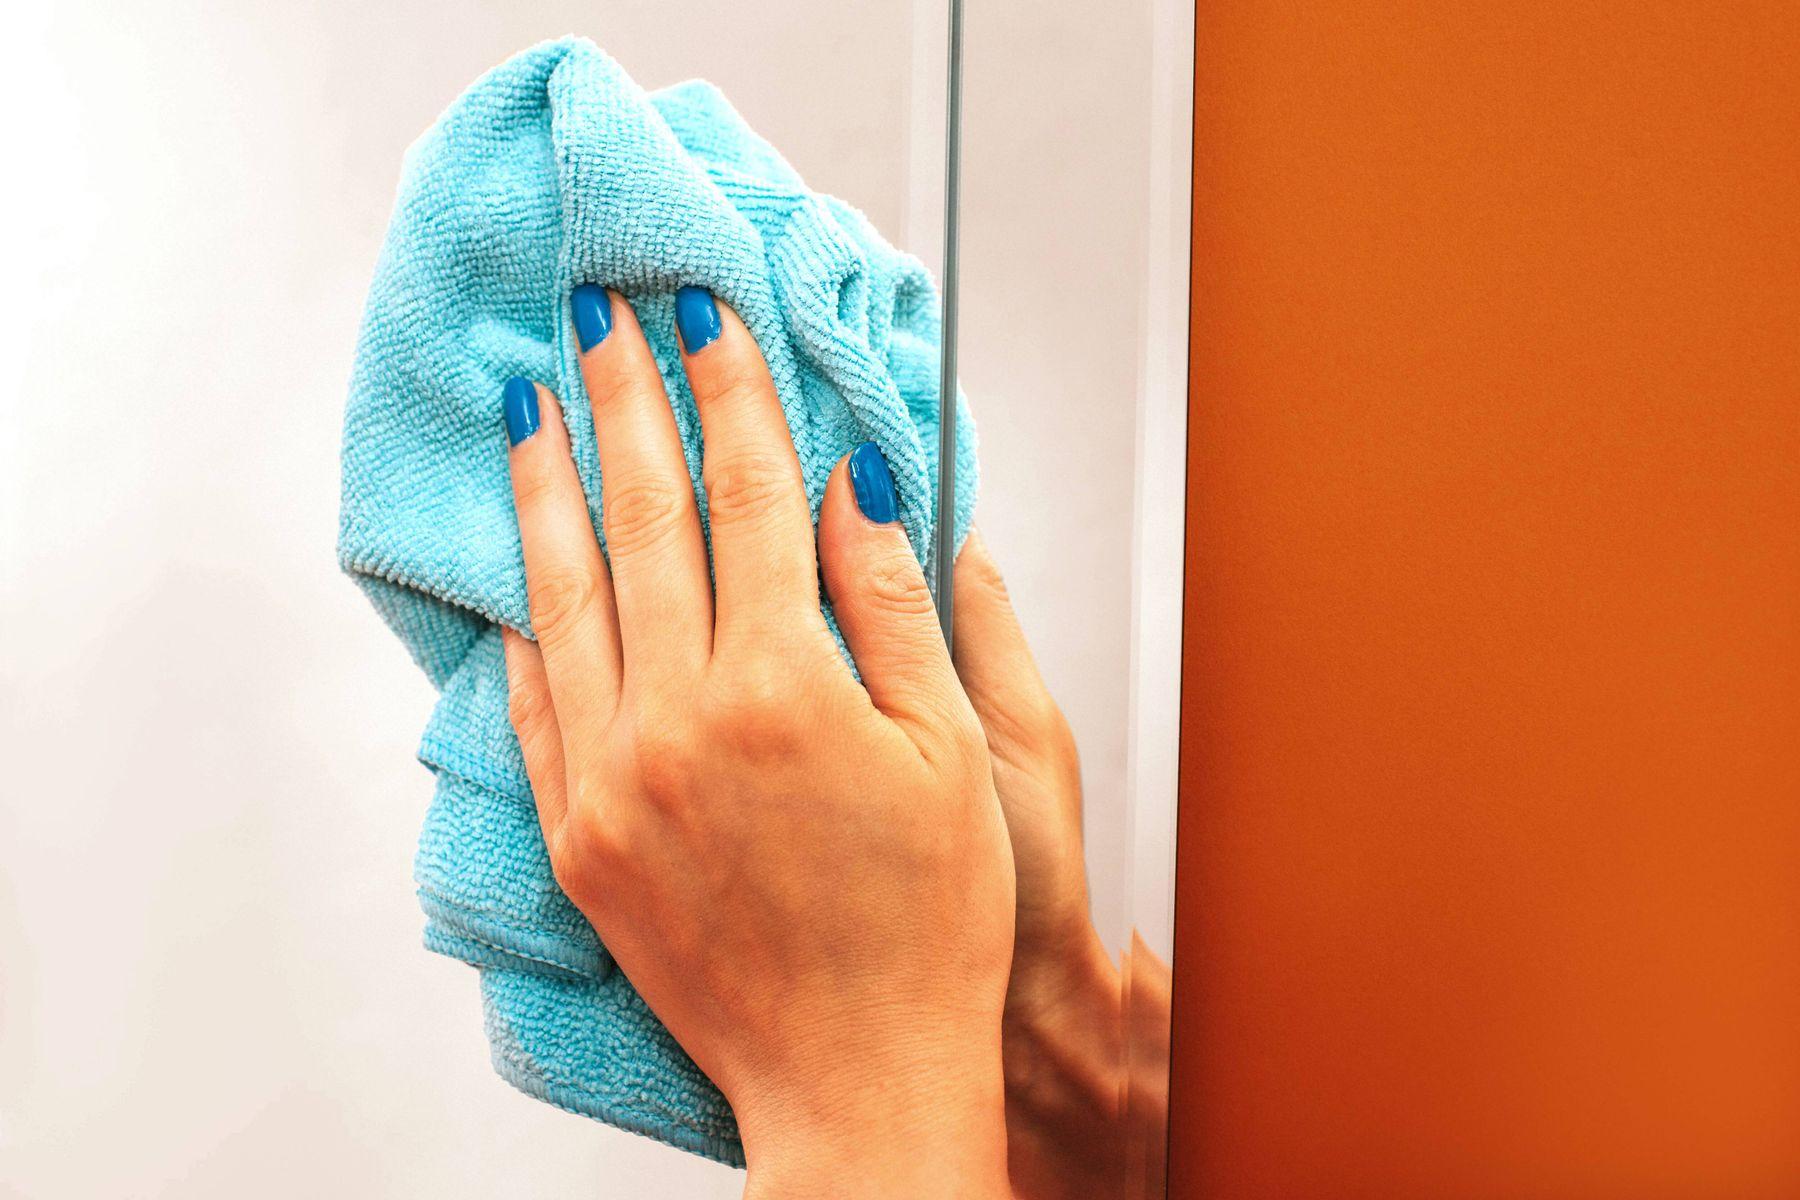 weibliche Hand und blaues Tuch, die Oberfläche auf orange Hintergrundwand abwischen